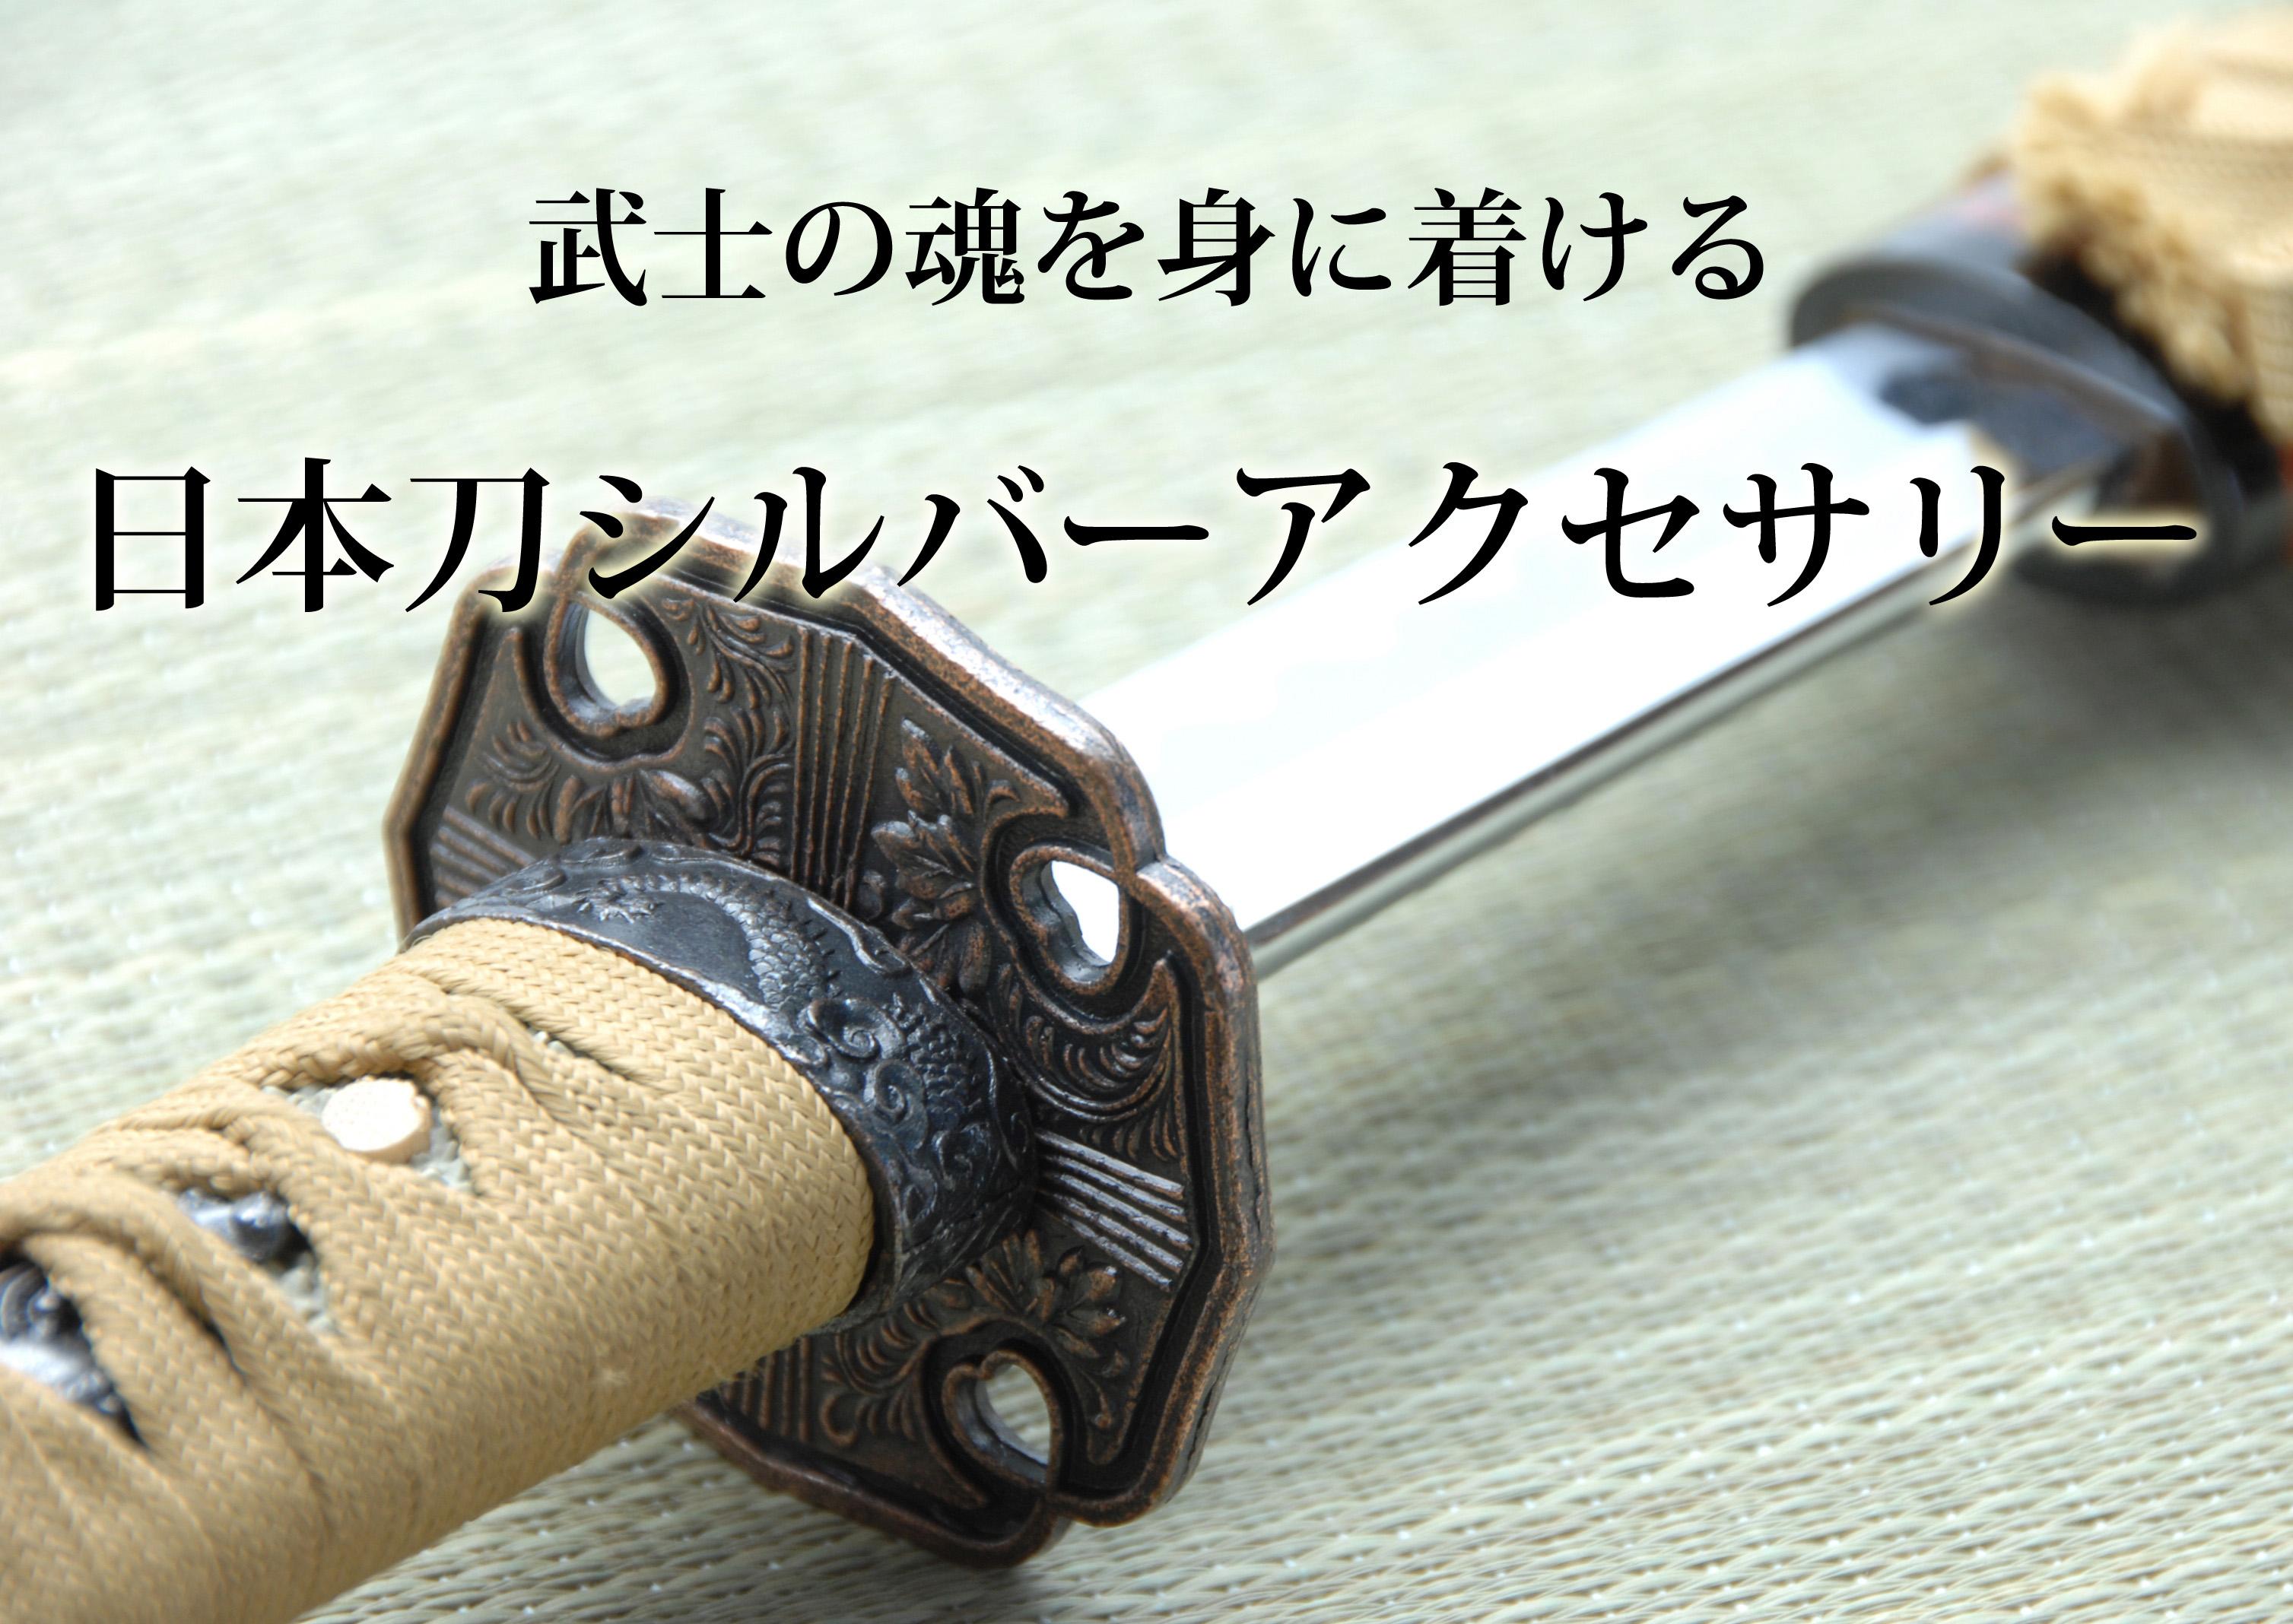 日本刀アクセサリーバナー3